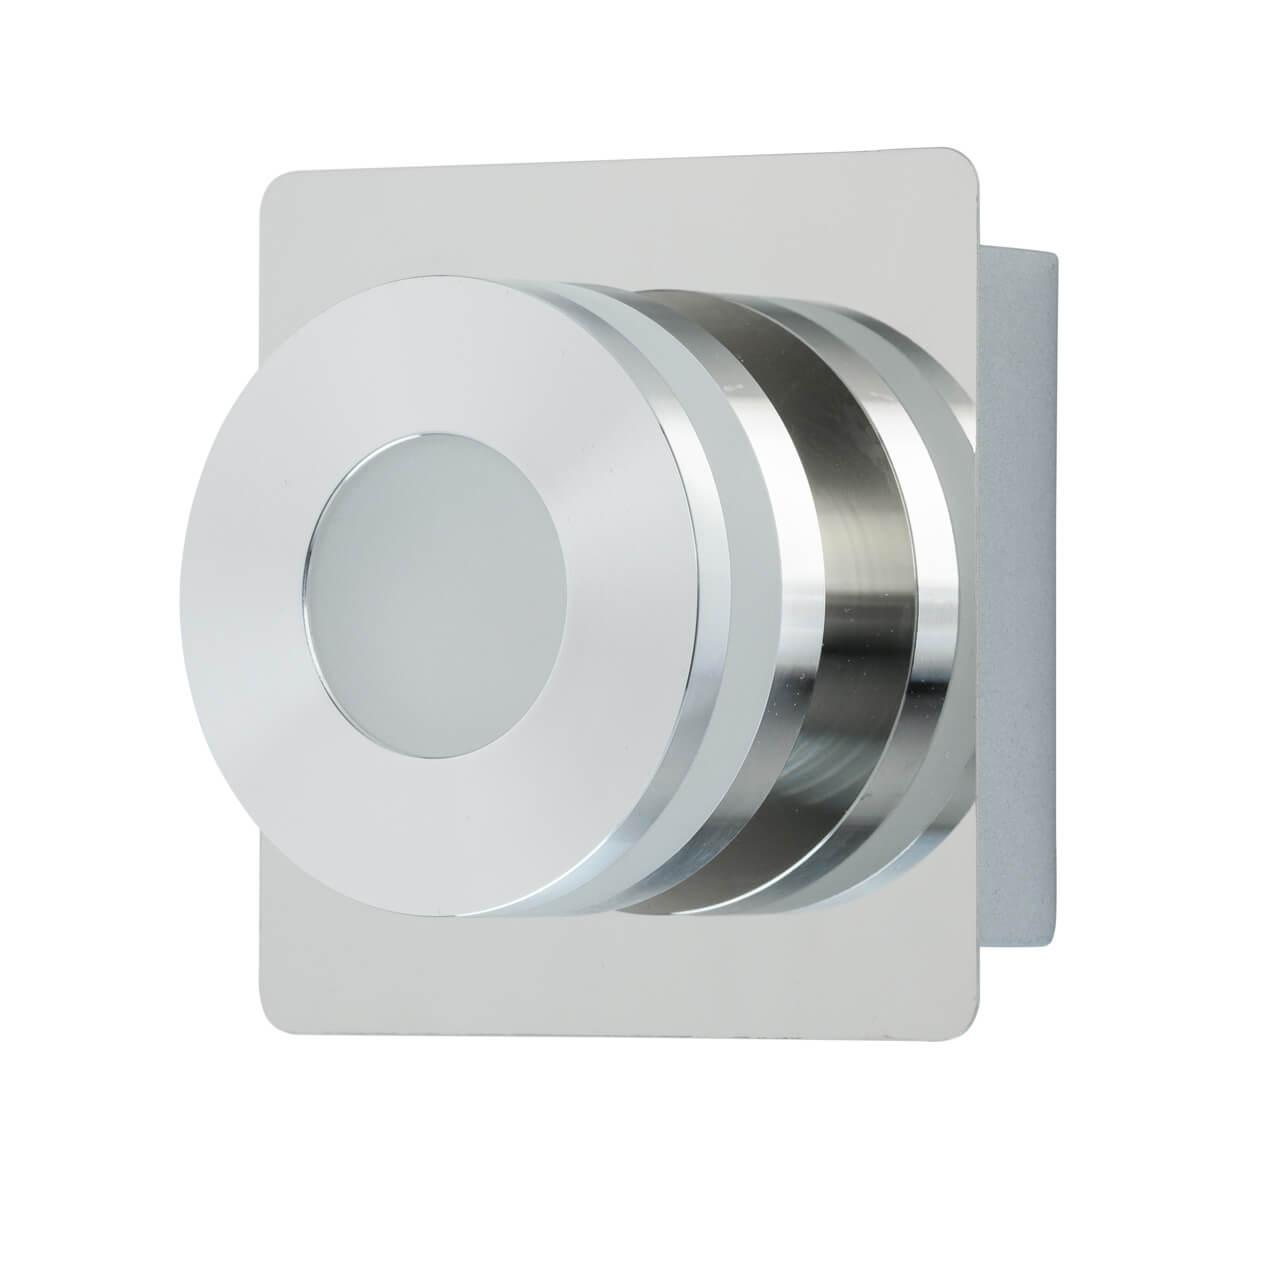 Настенный светодиодный светильник De Markt Пунктум 1 549020101